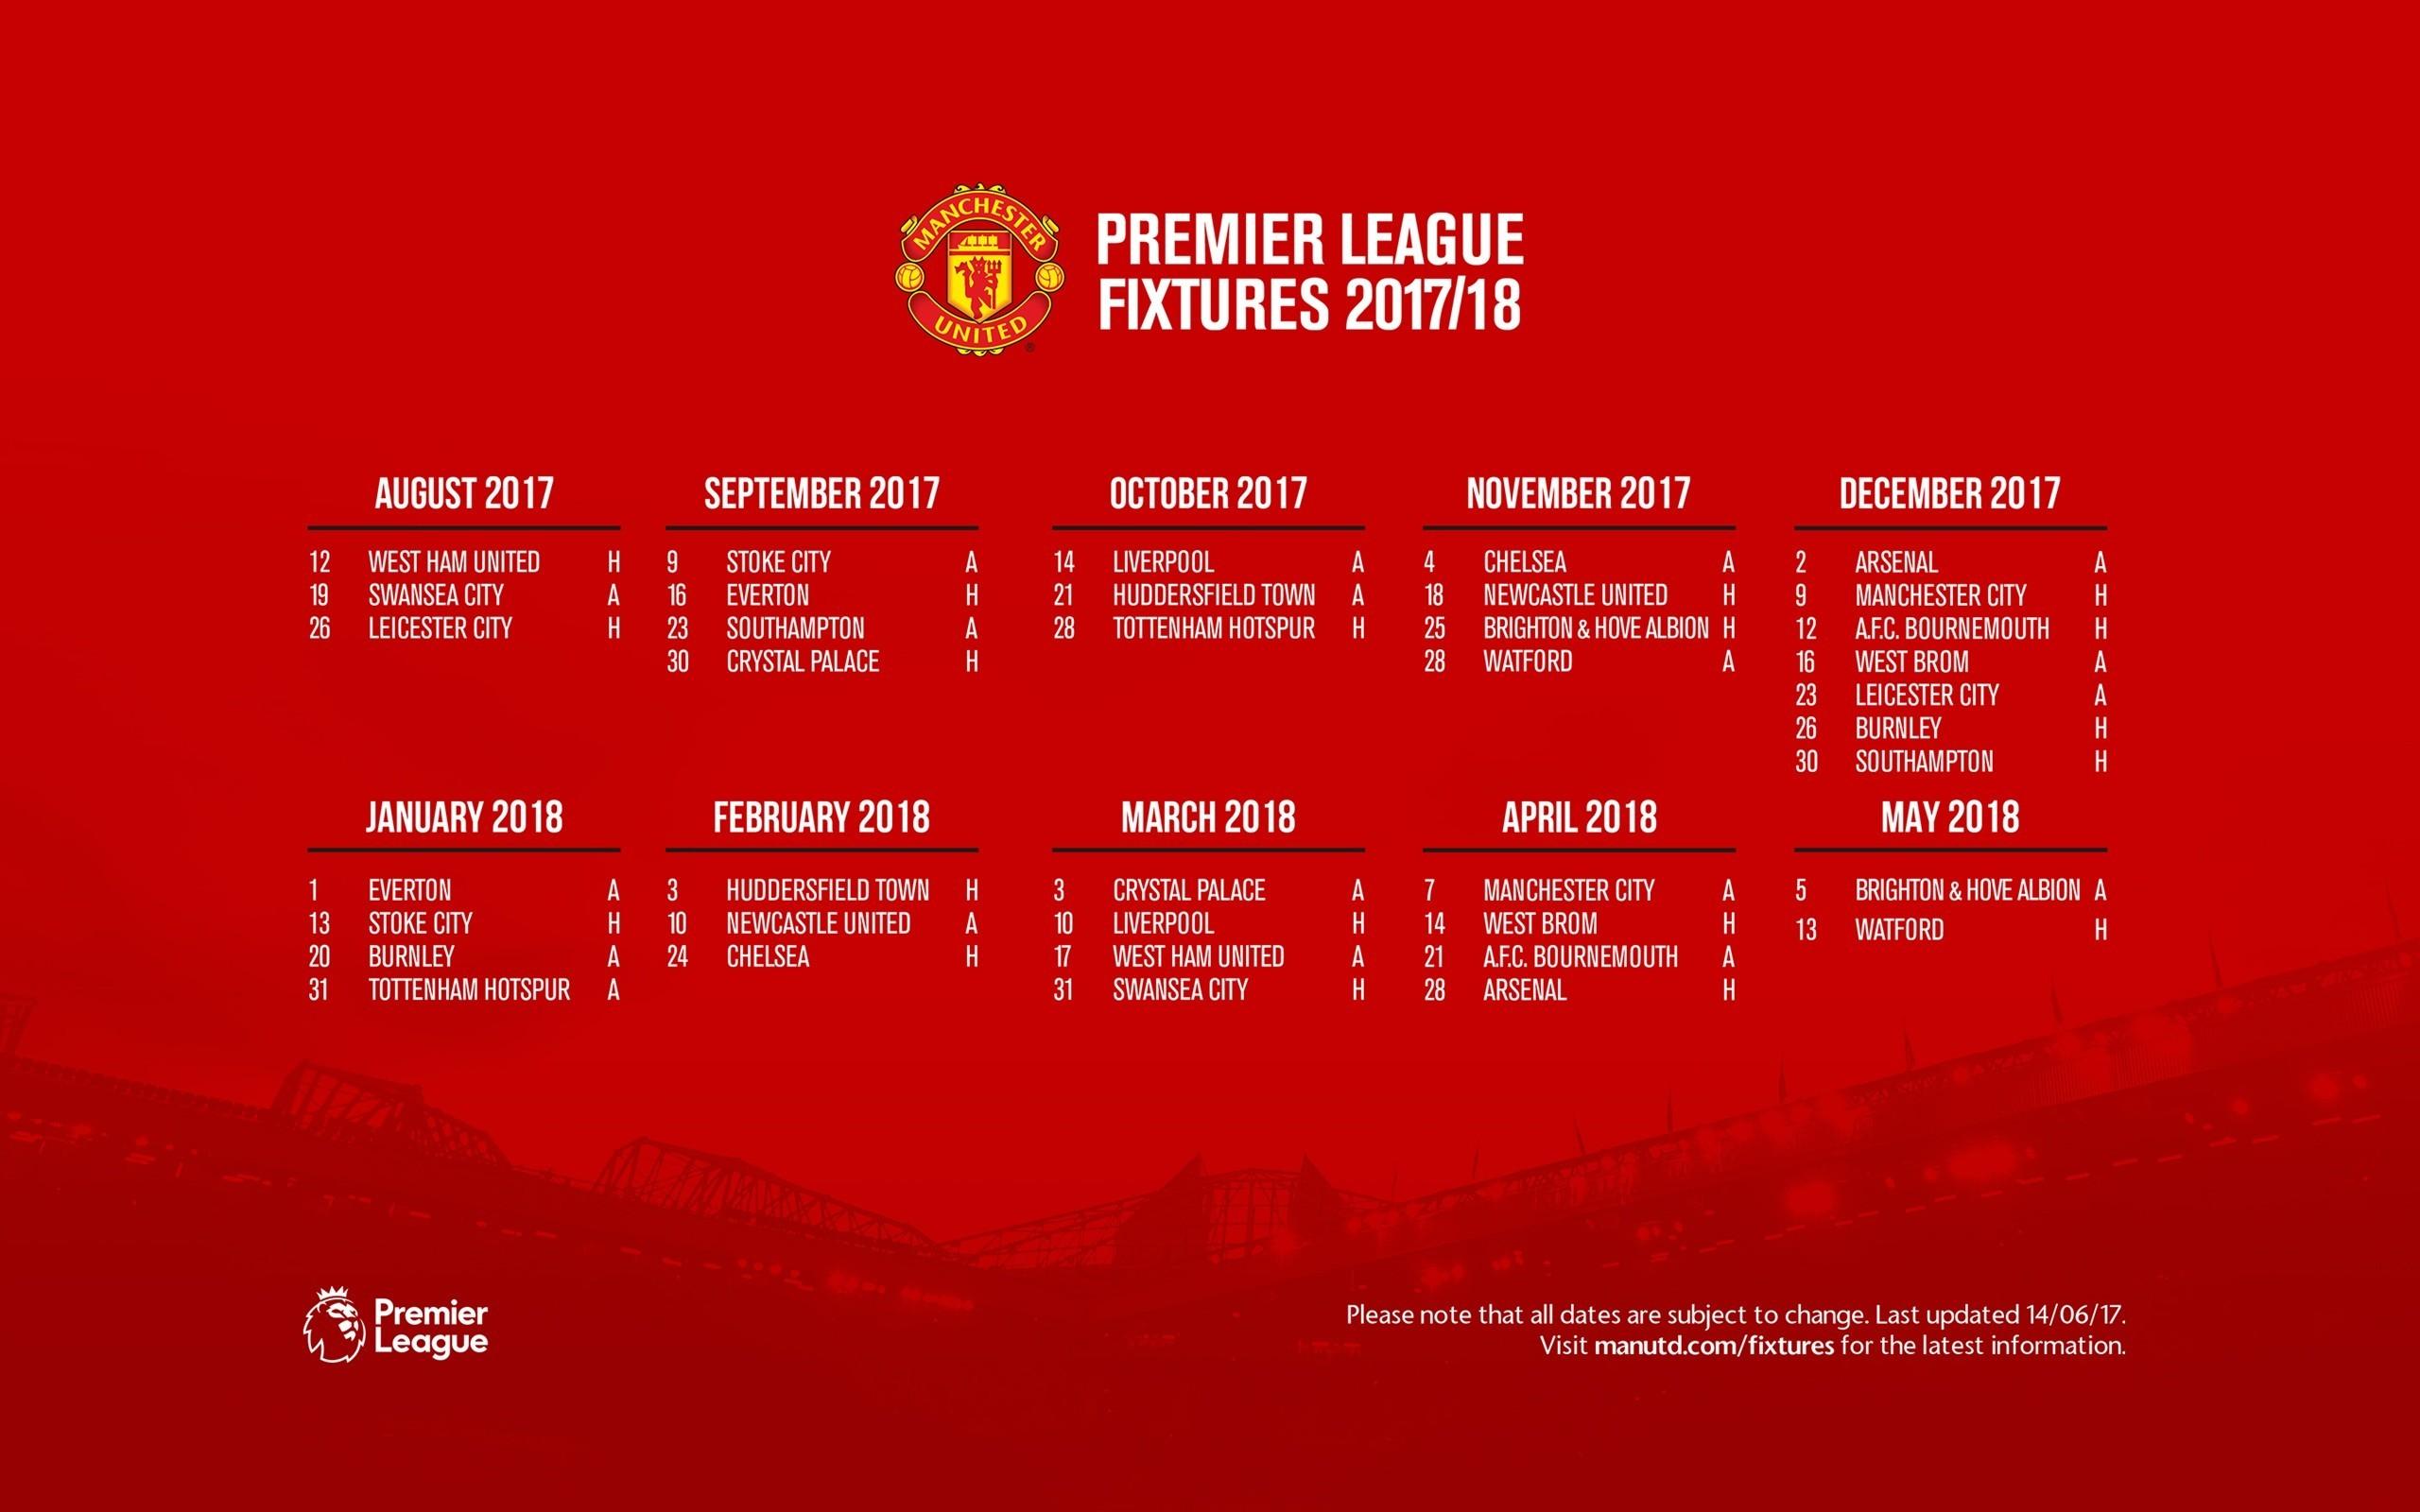 Desktop Wallpapers Calendar February 2018 ·①